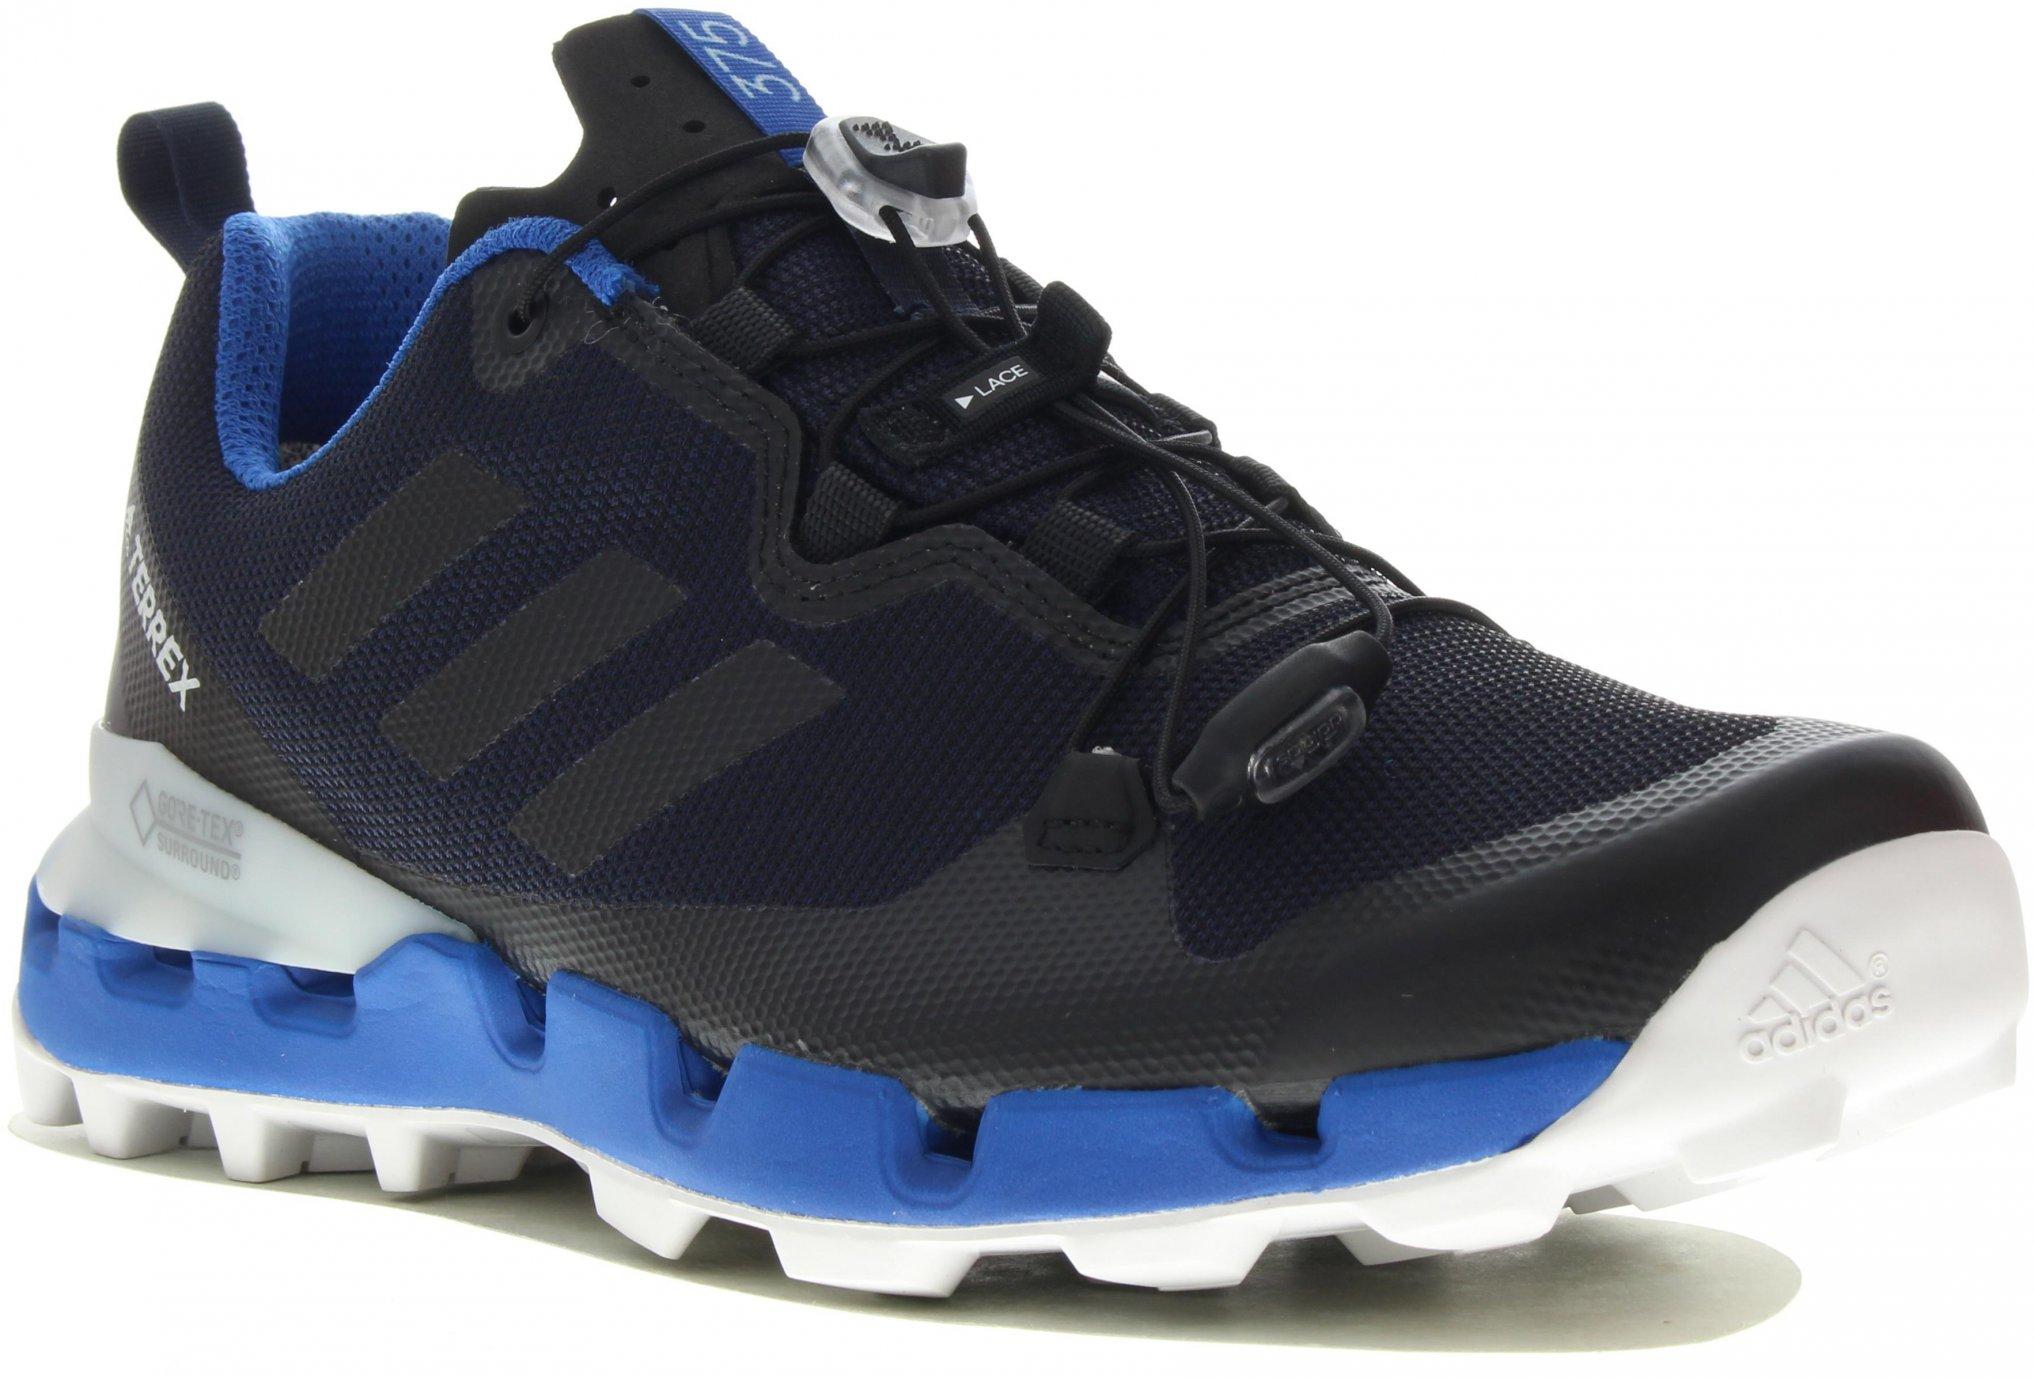 Adidas Terrex fast gore-Tex surround m chaussures homme